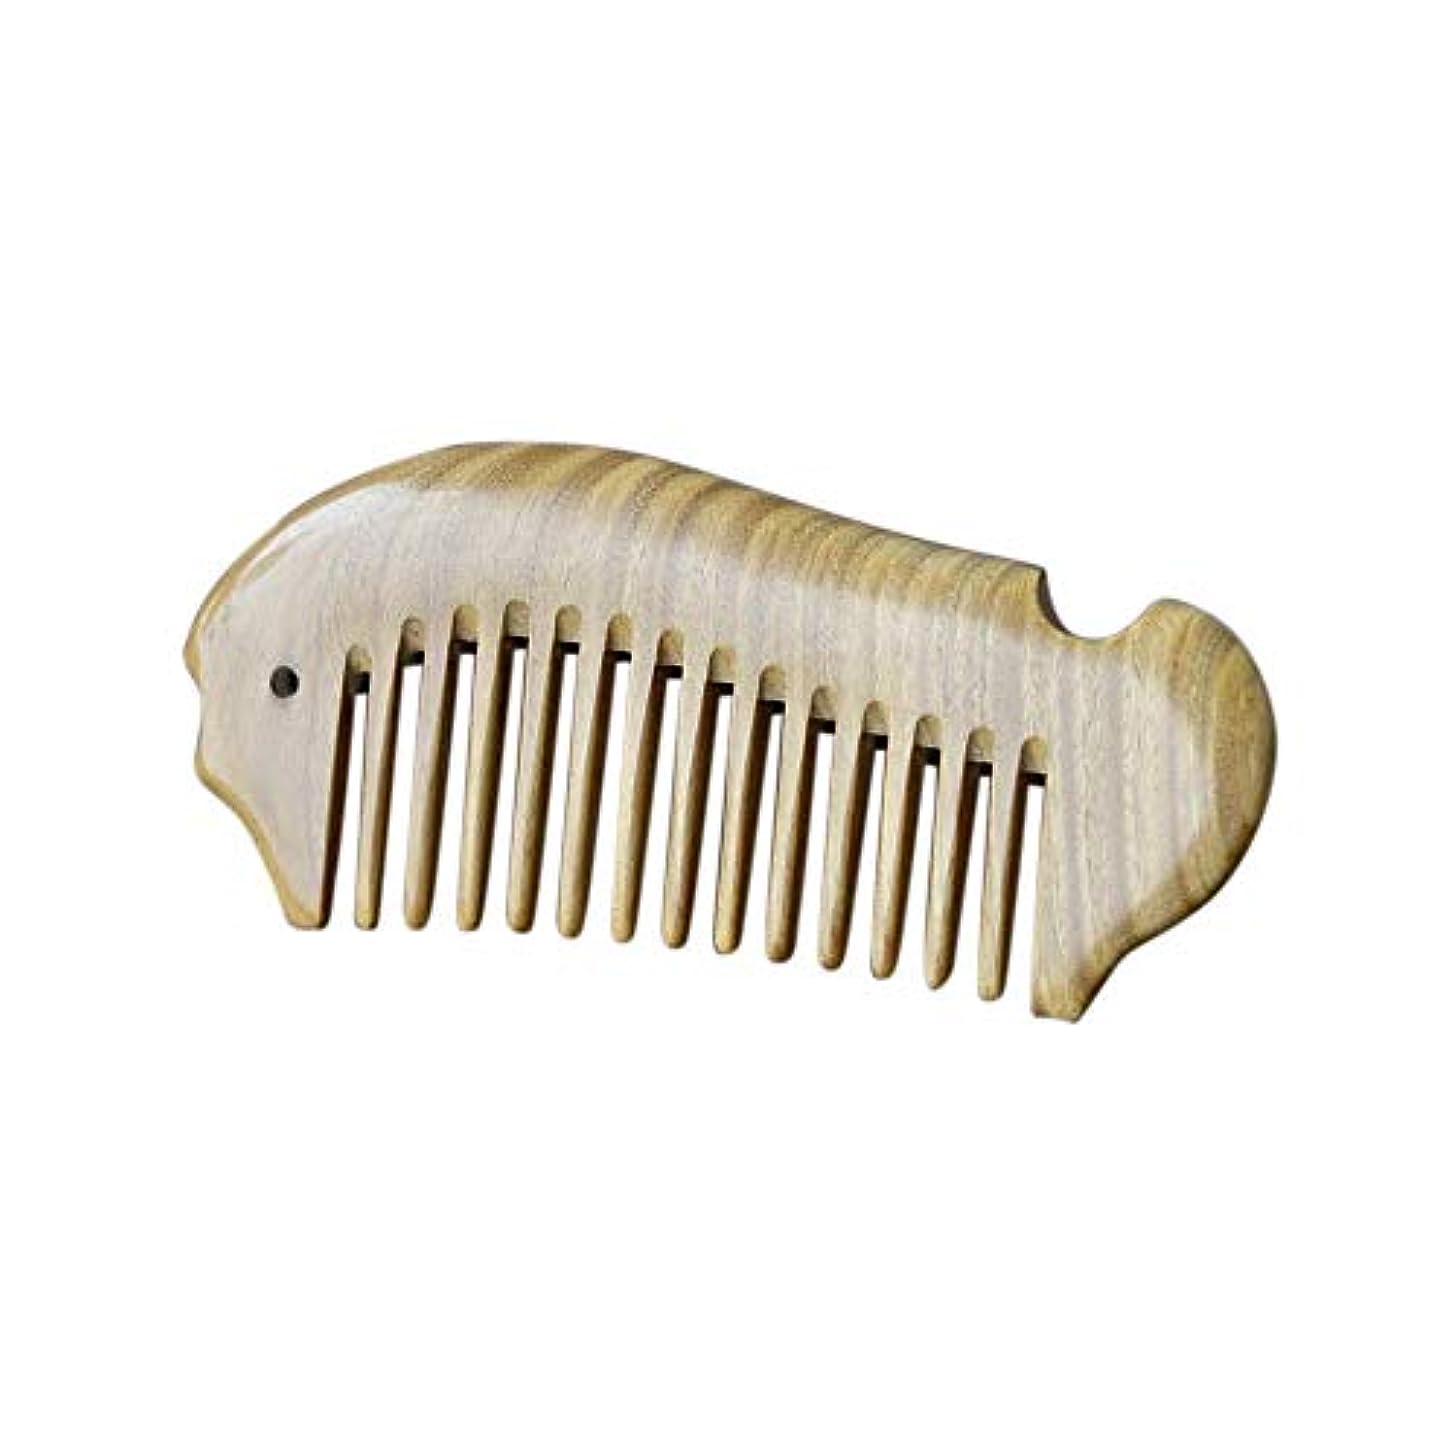 苦味薬用ネスト新しい木製のくしグリーンサンダルウッドくし魚の形の手作り帯電防止ヘアブラシ ヘアケア (色 : Wide tooth)